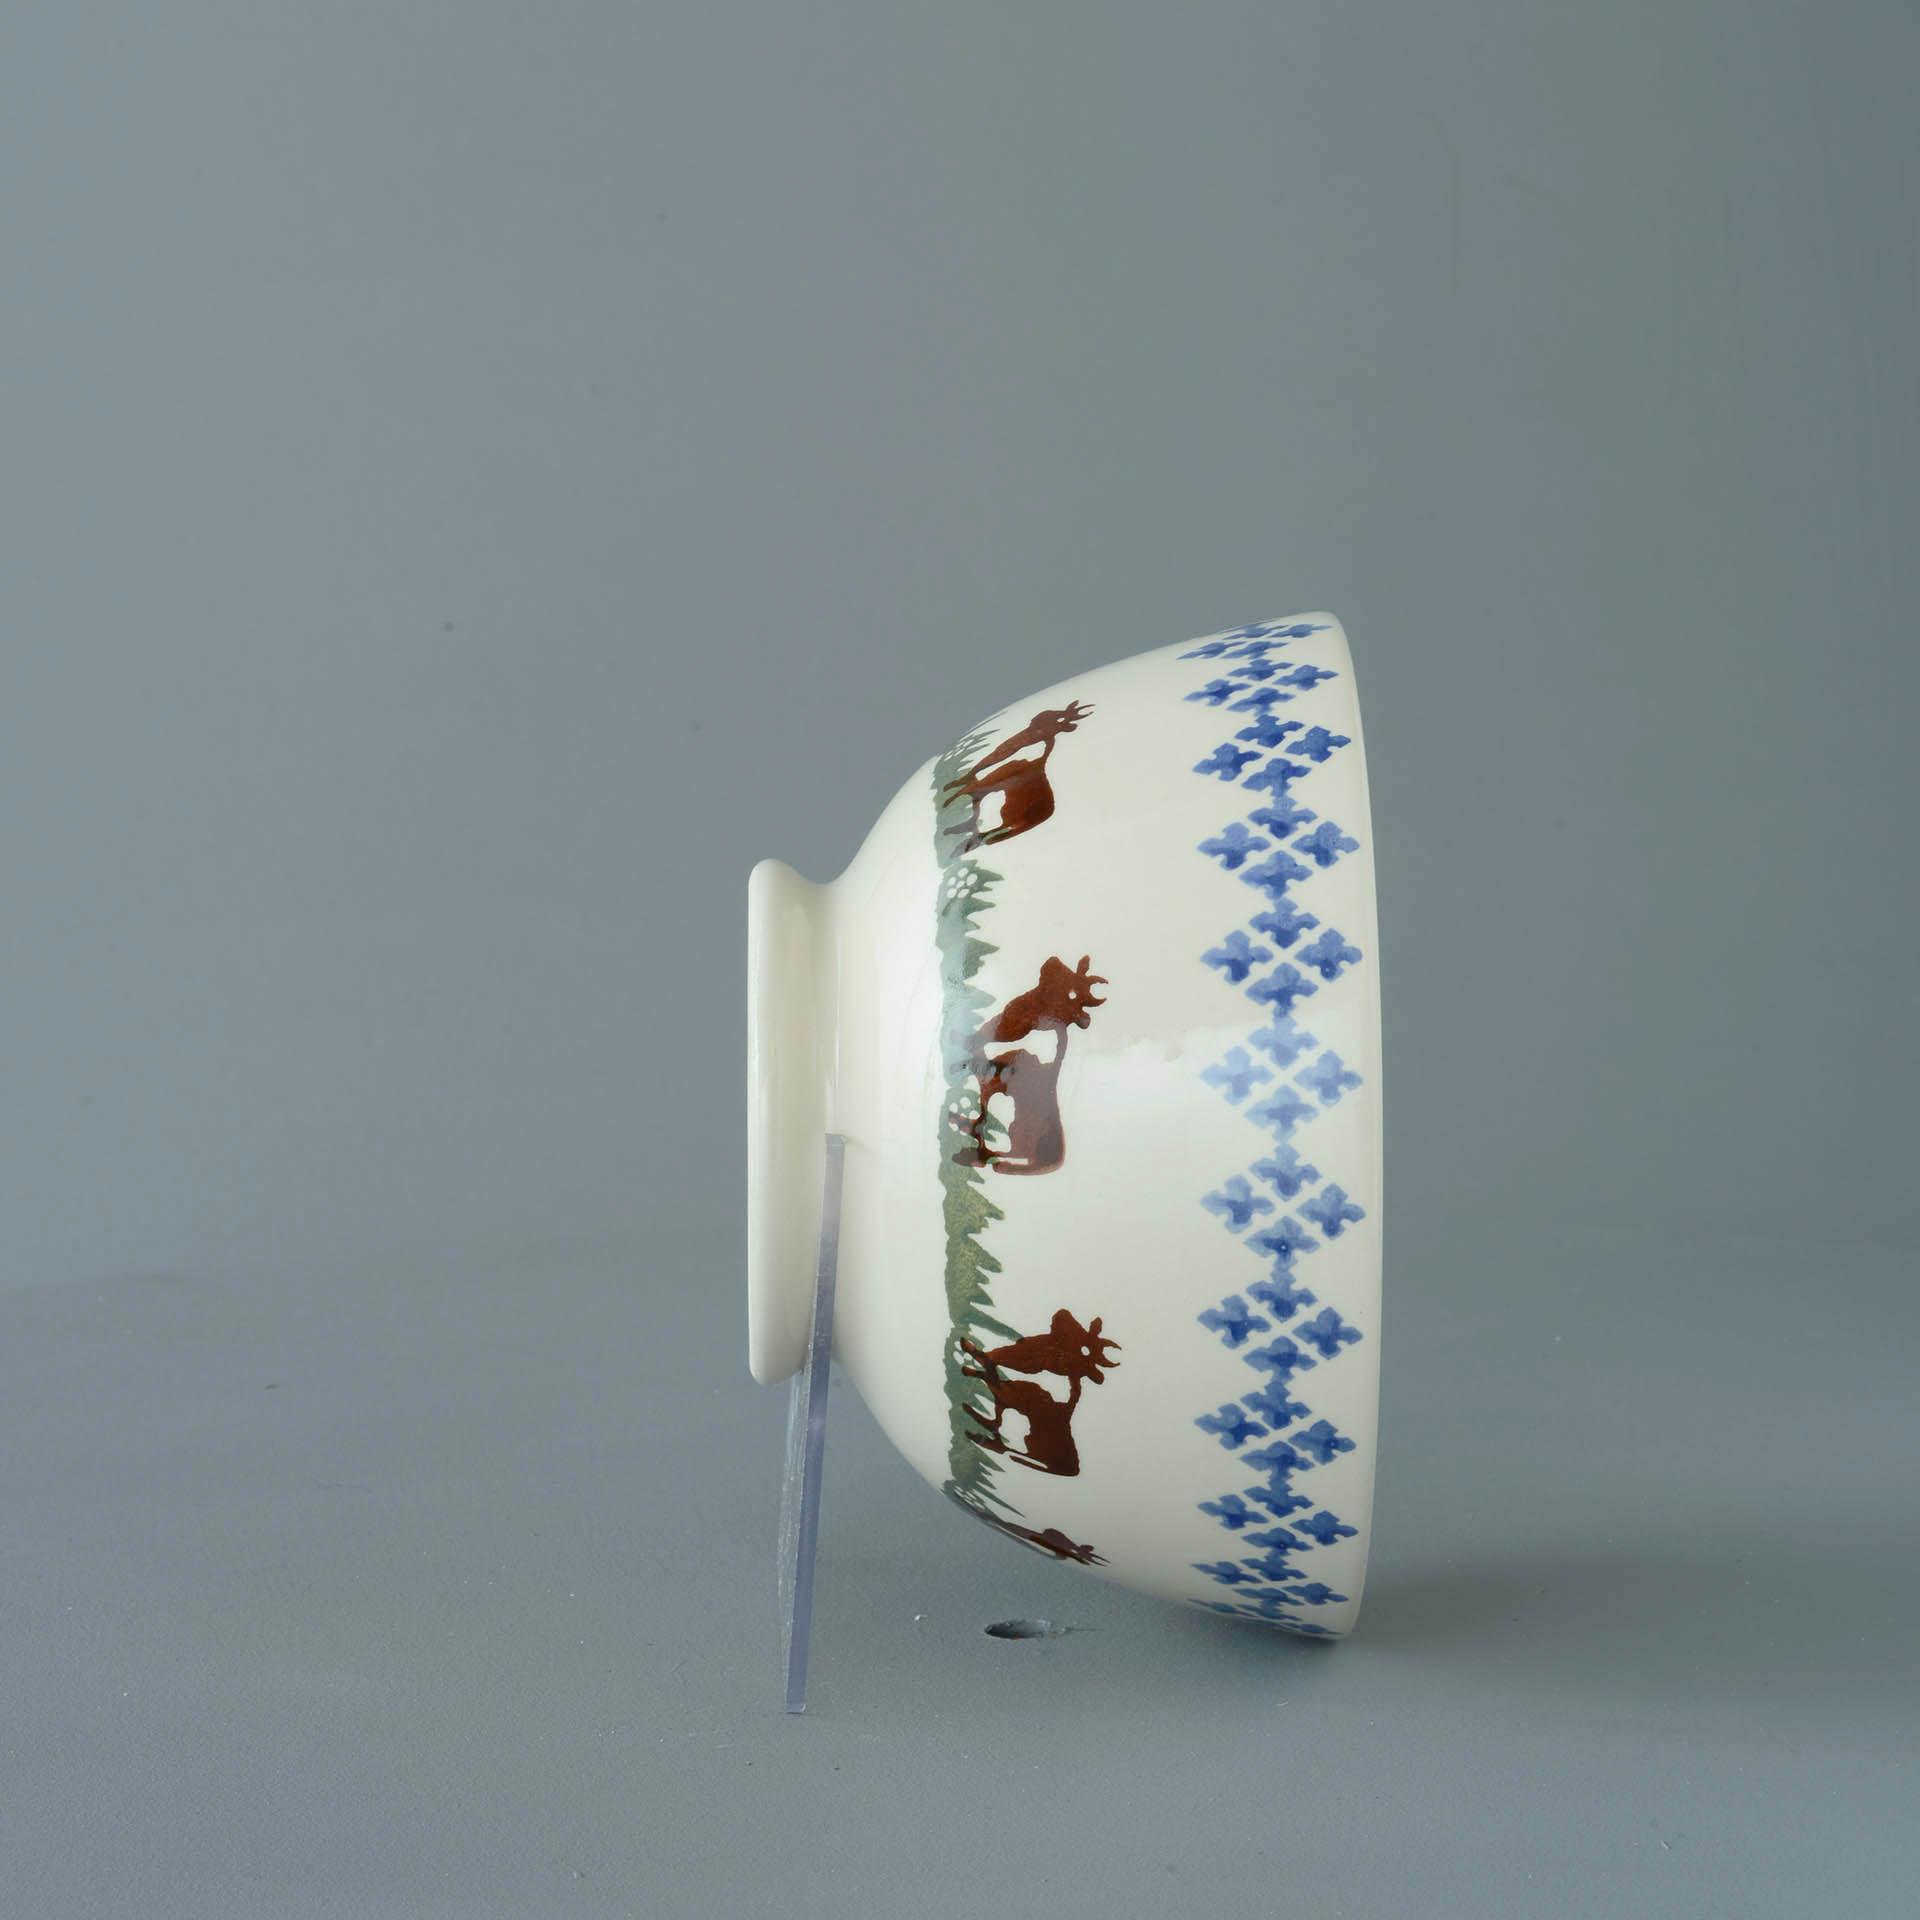 Cows Soup Bowl 9 x 15.5cm